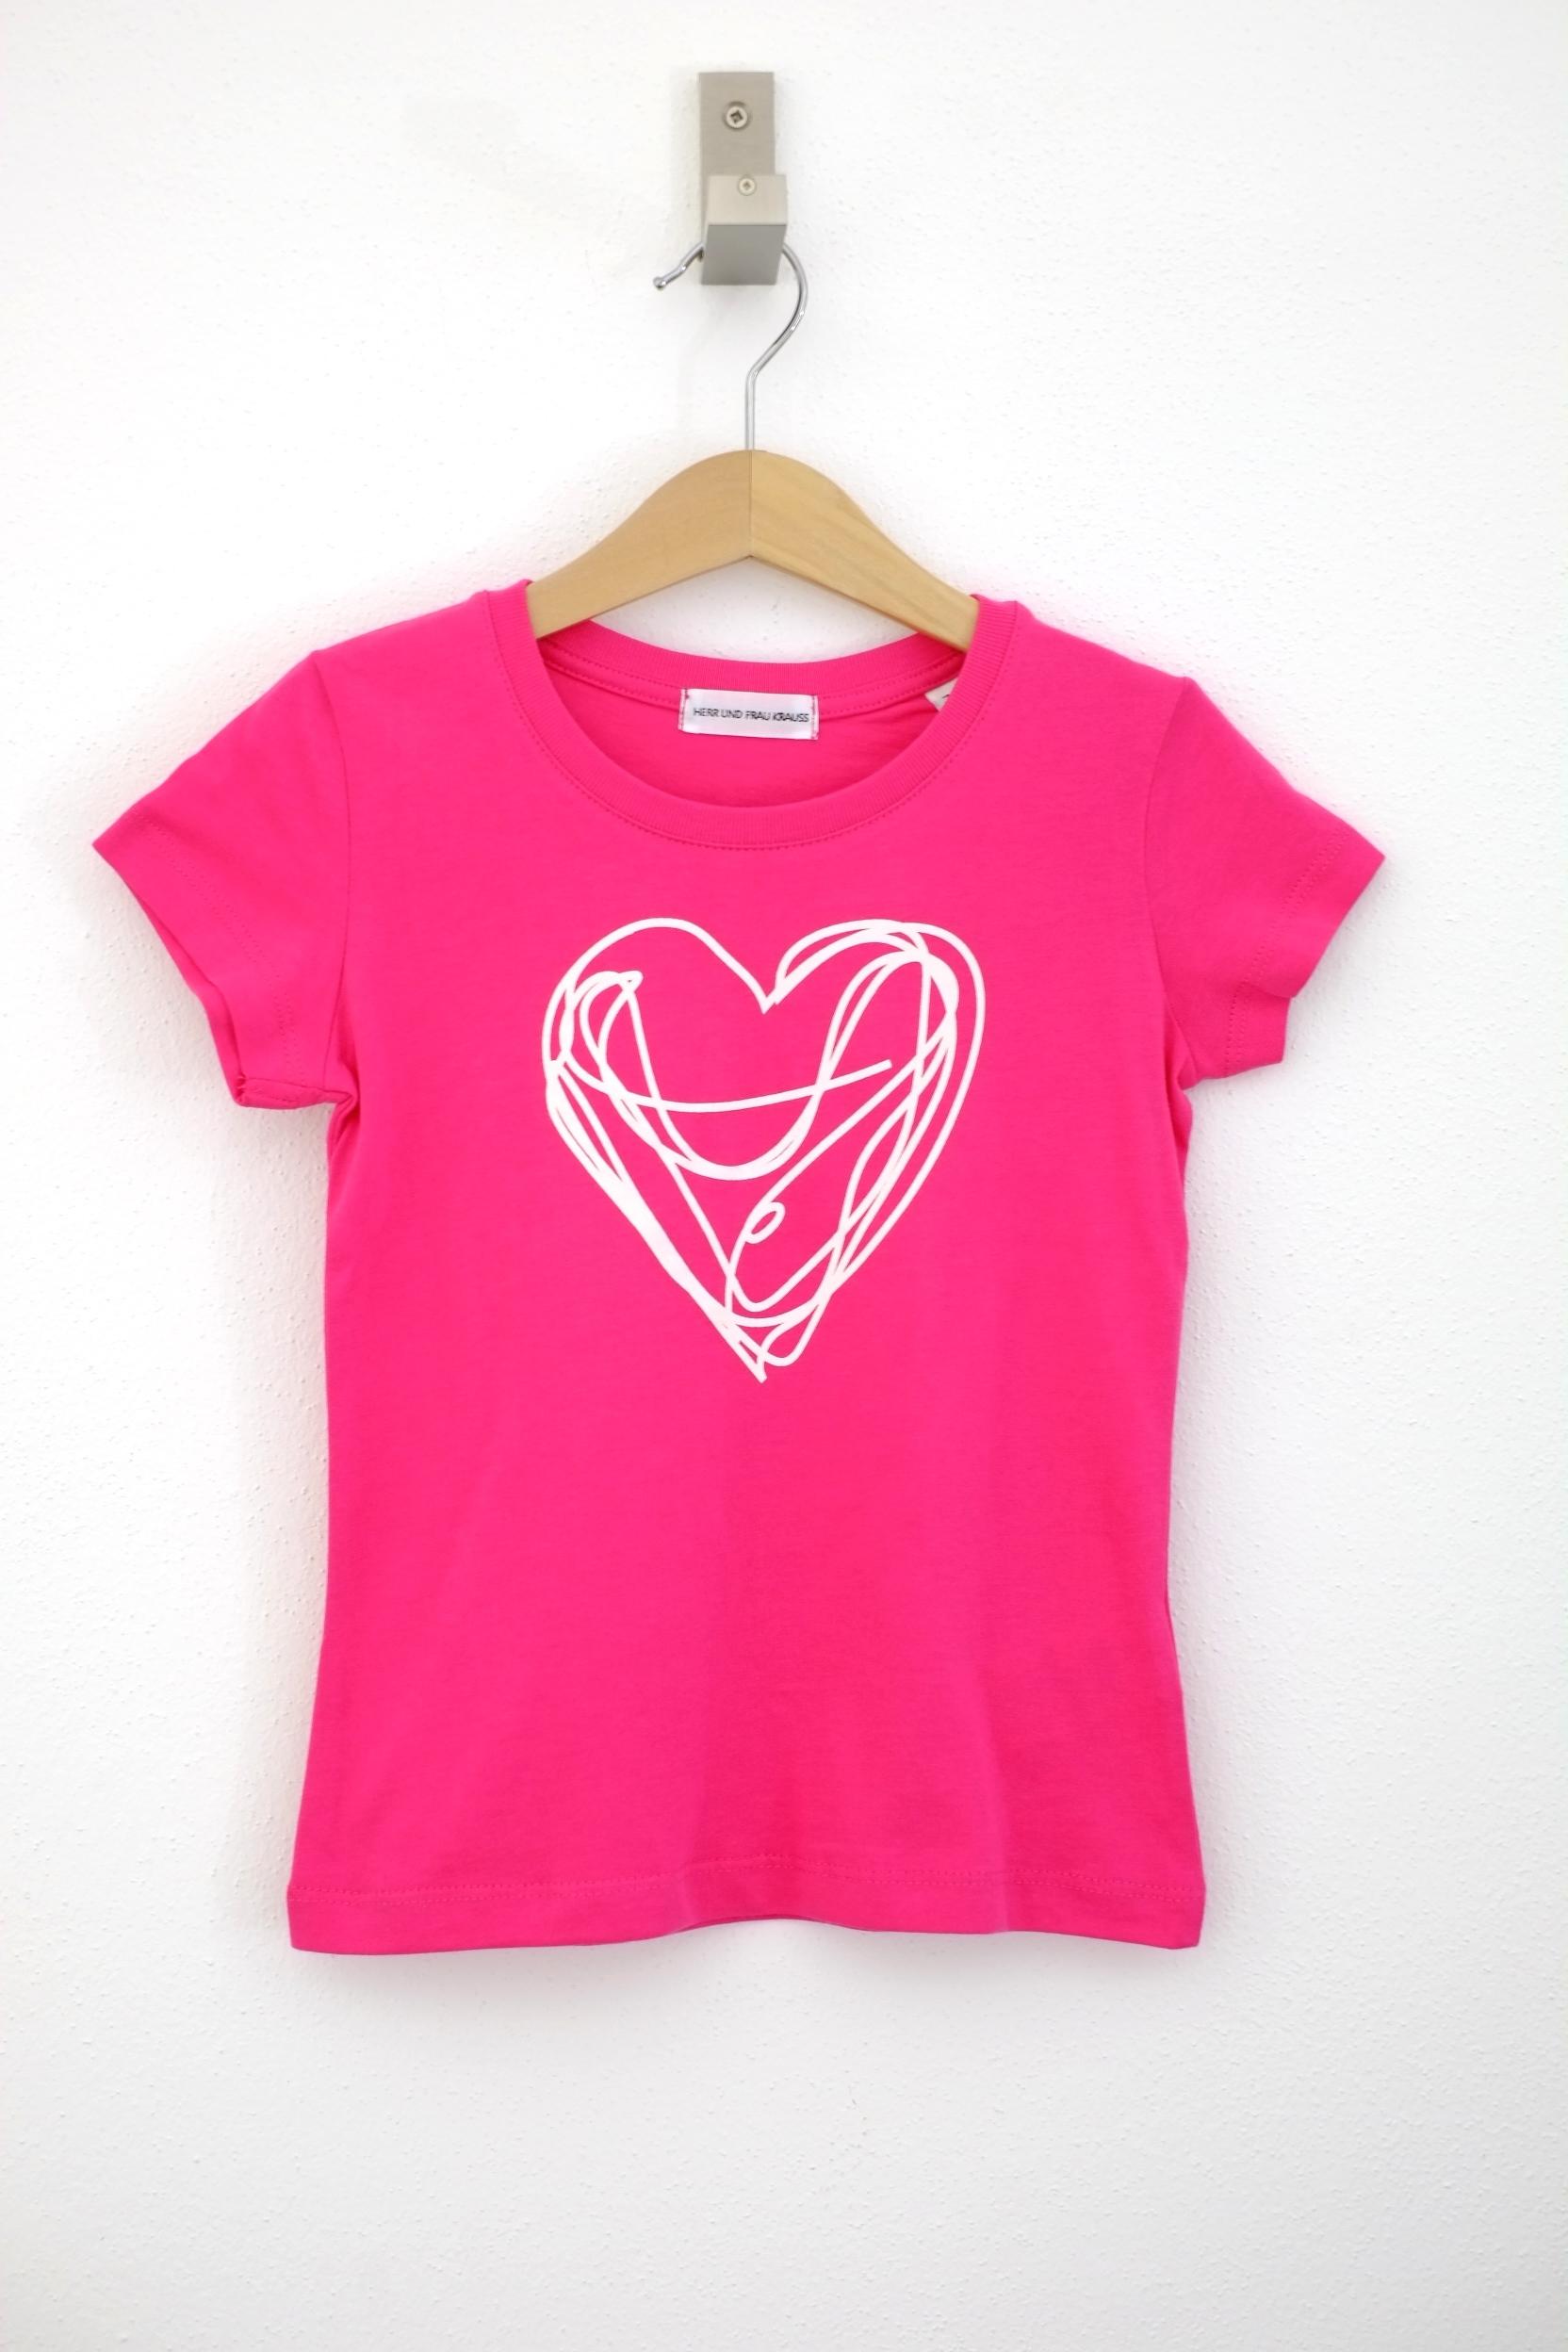 t-shirt-maedchen-organic-cotton-herz-pink